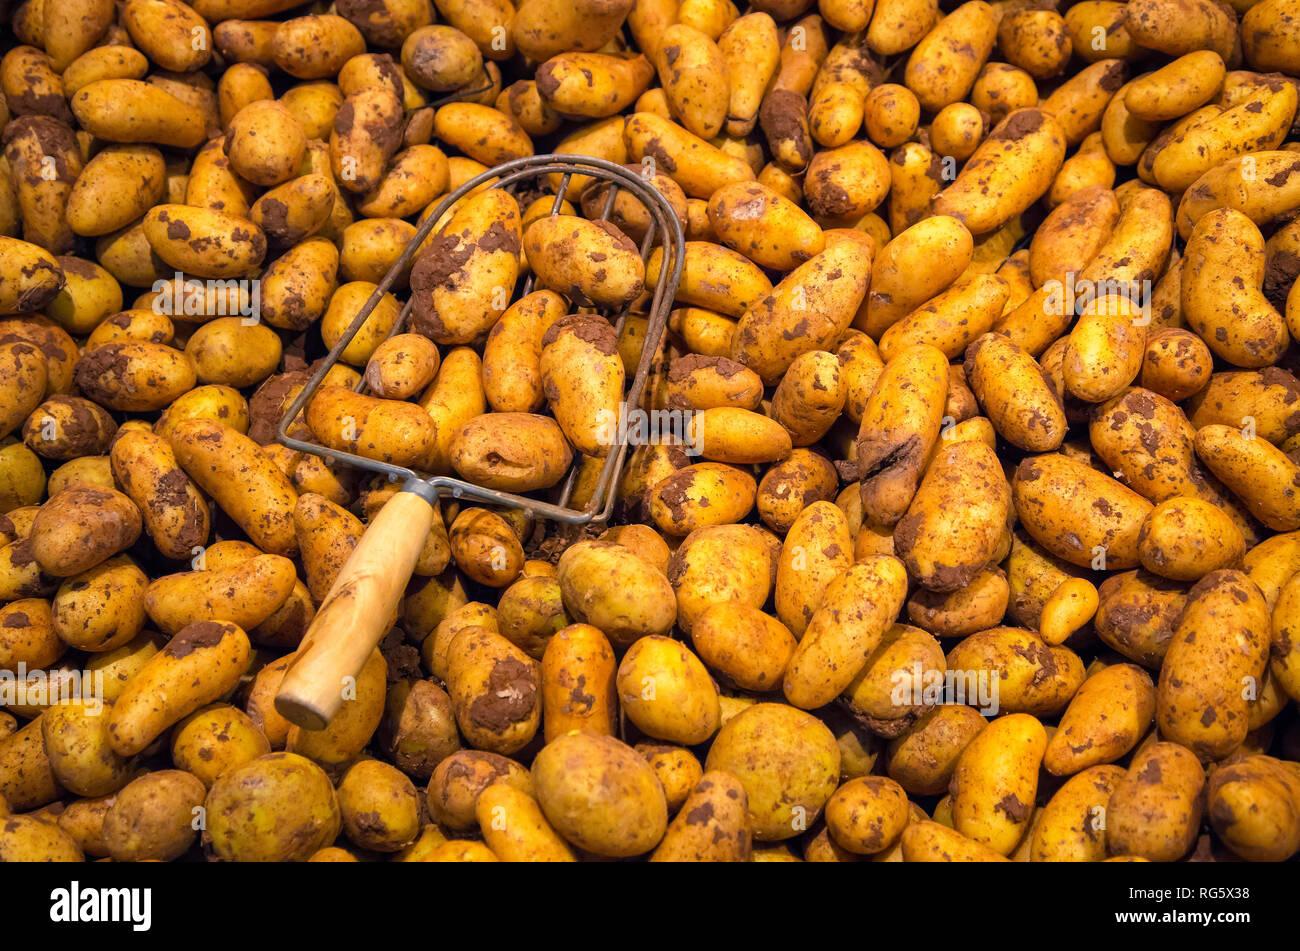 Potatoes, farm shop, asparagus yard Schulte-Scherlebeck, Kartoffeln, Hofladen, Spargelhof Schulte-Scherlebeck Stock Photo